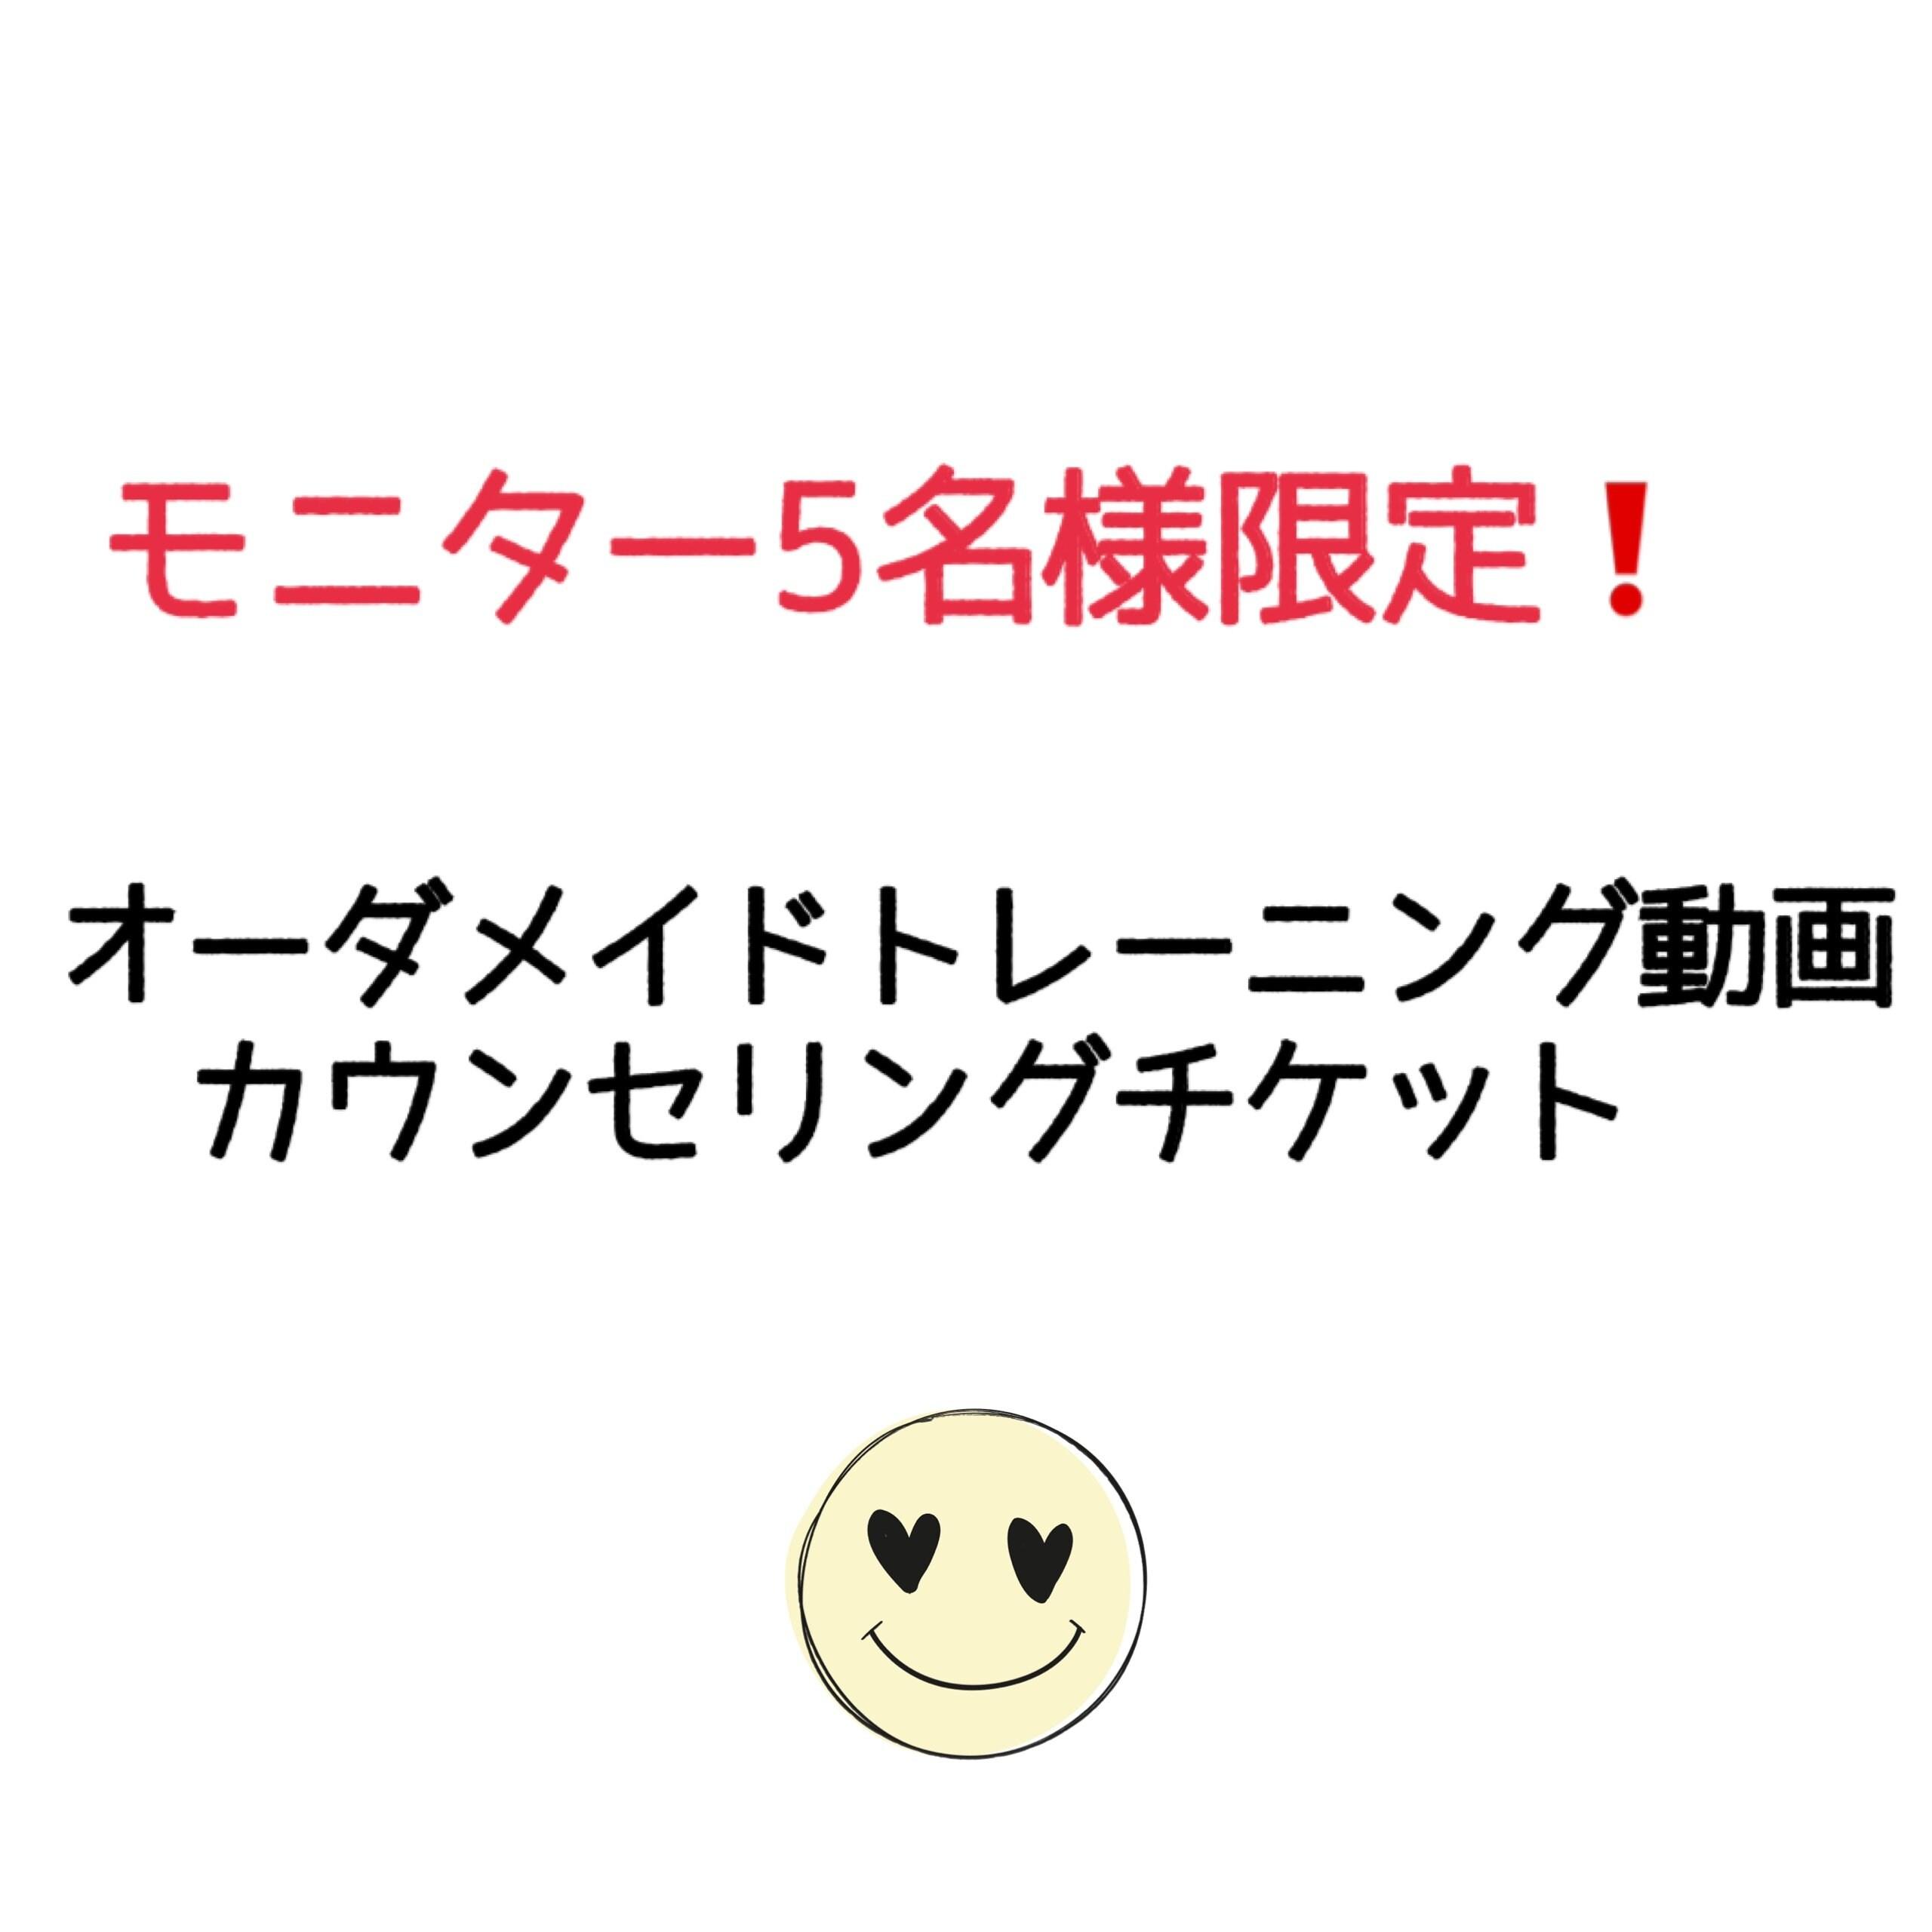 モニター先着5名限定!【オンライン】完全オリジナルトレーニング カウンセリングのイメージその1